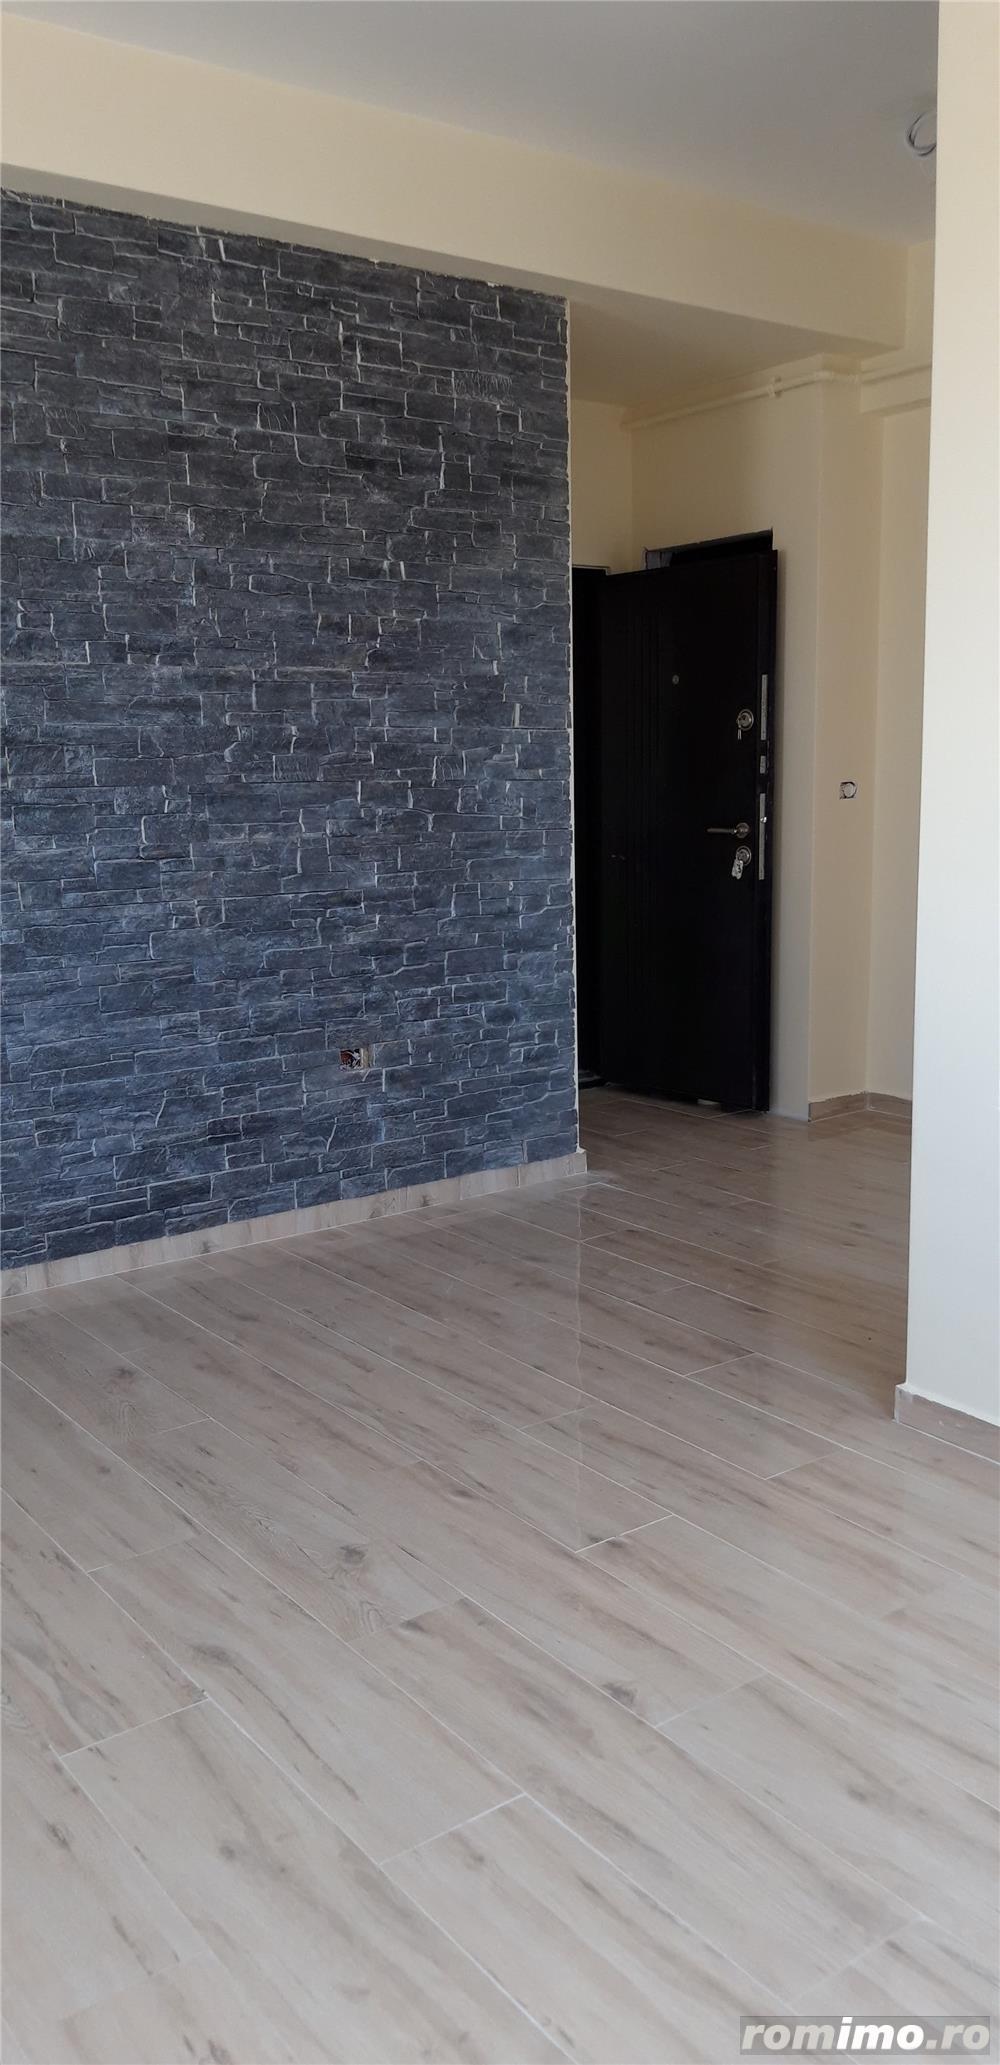 Apartament de vanzare, 2 camere, Bloc Nou, zona Soarelui, finalizare 2020